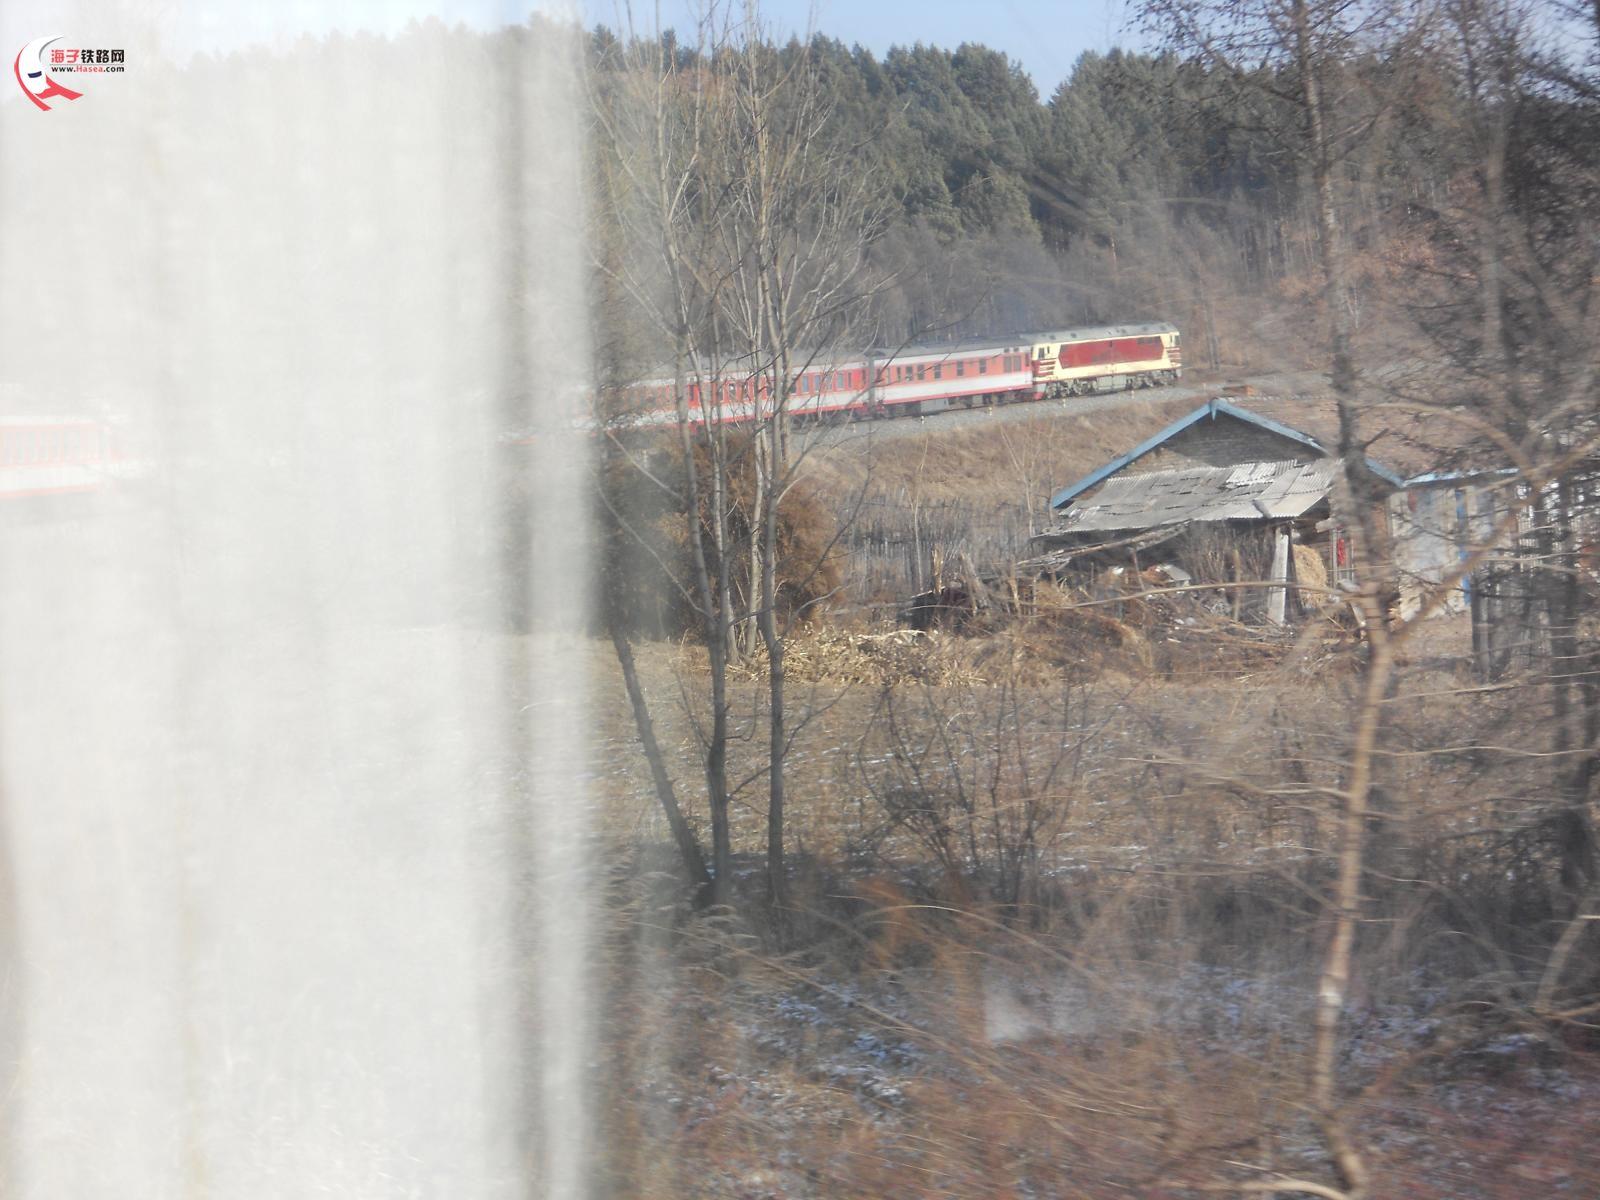 看我家乡冬和夏 图库评审讨论区 海子铁路网